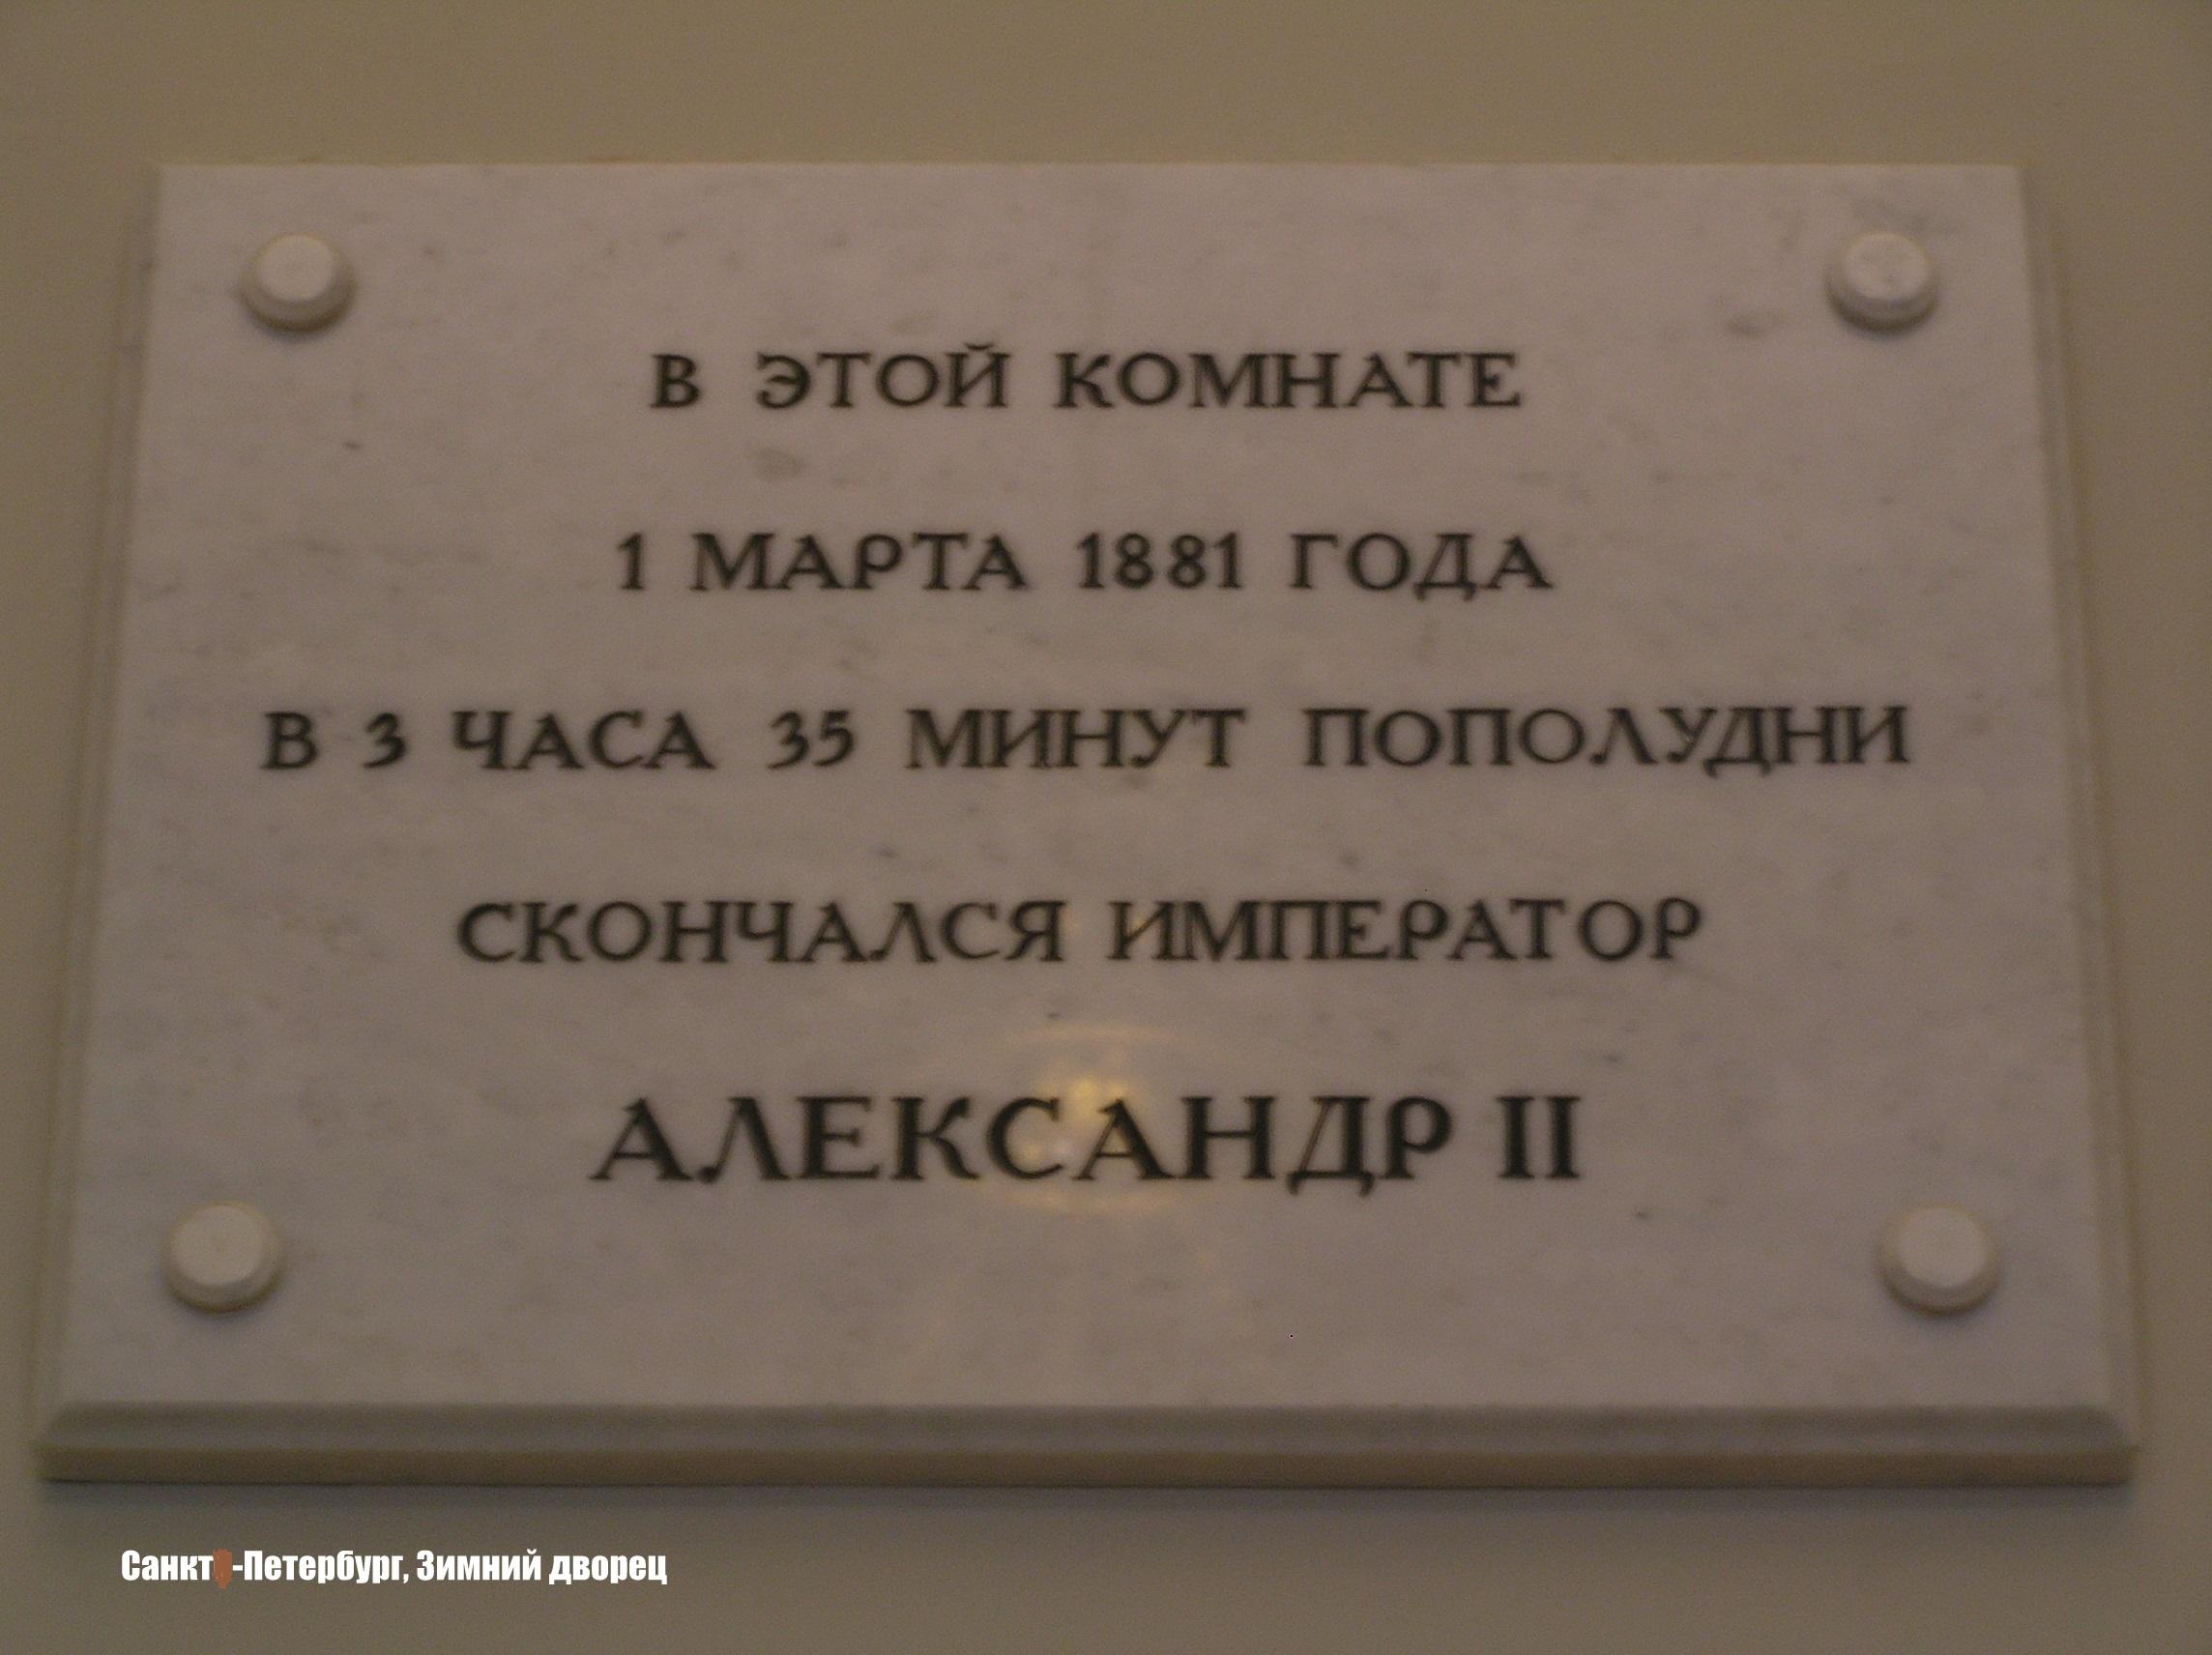 Александр II 41.JPG